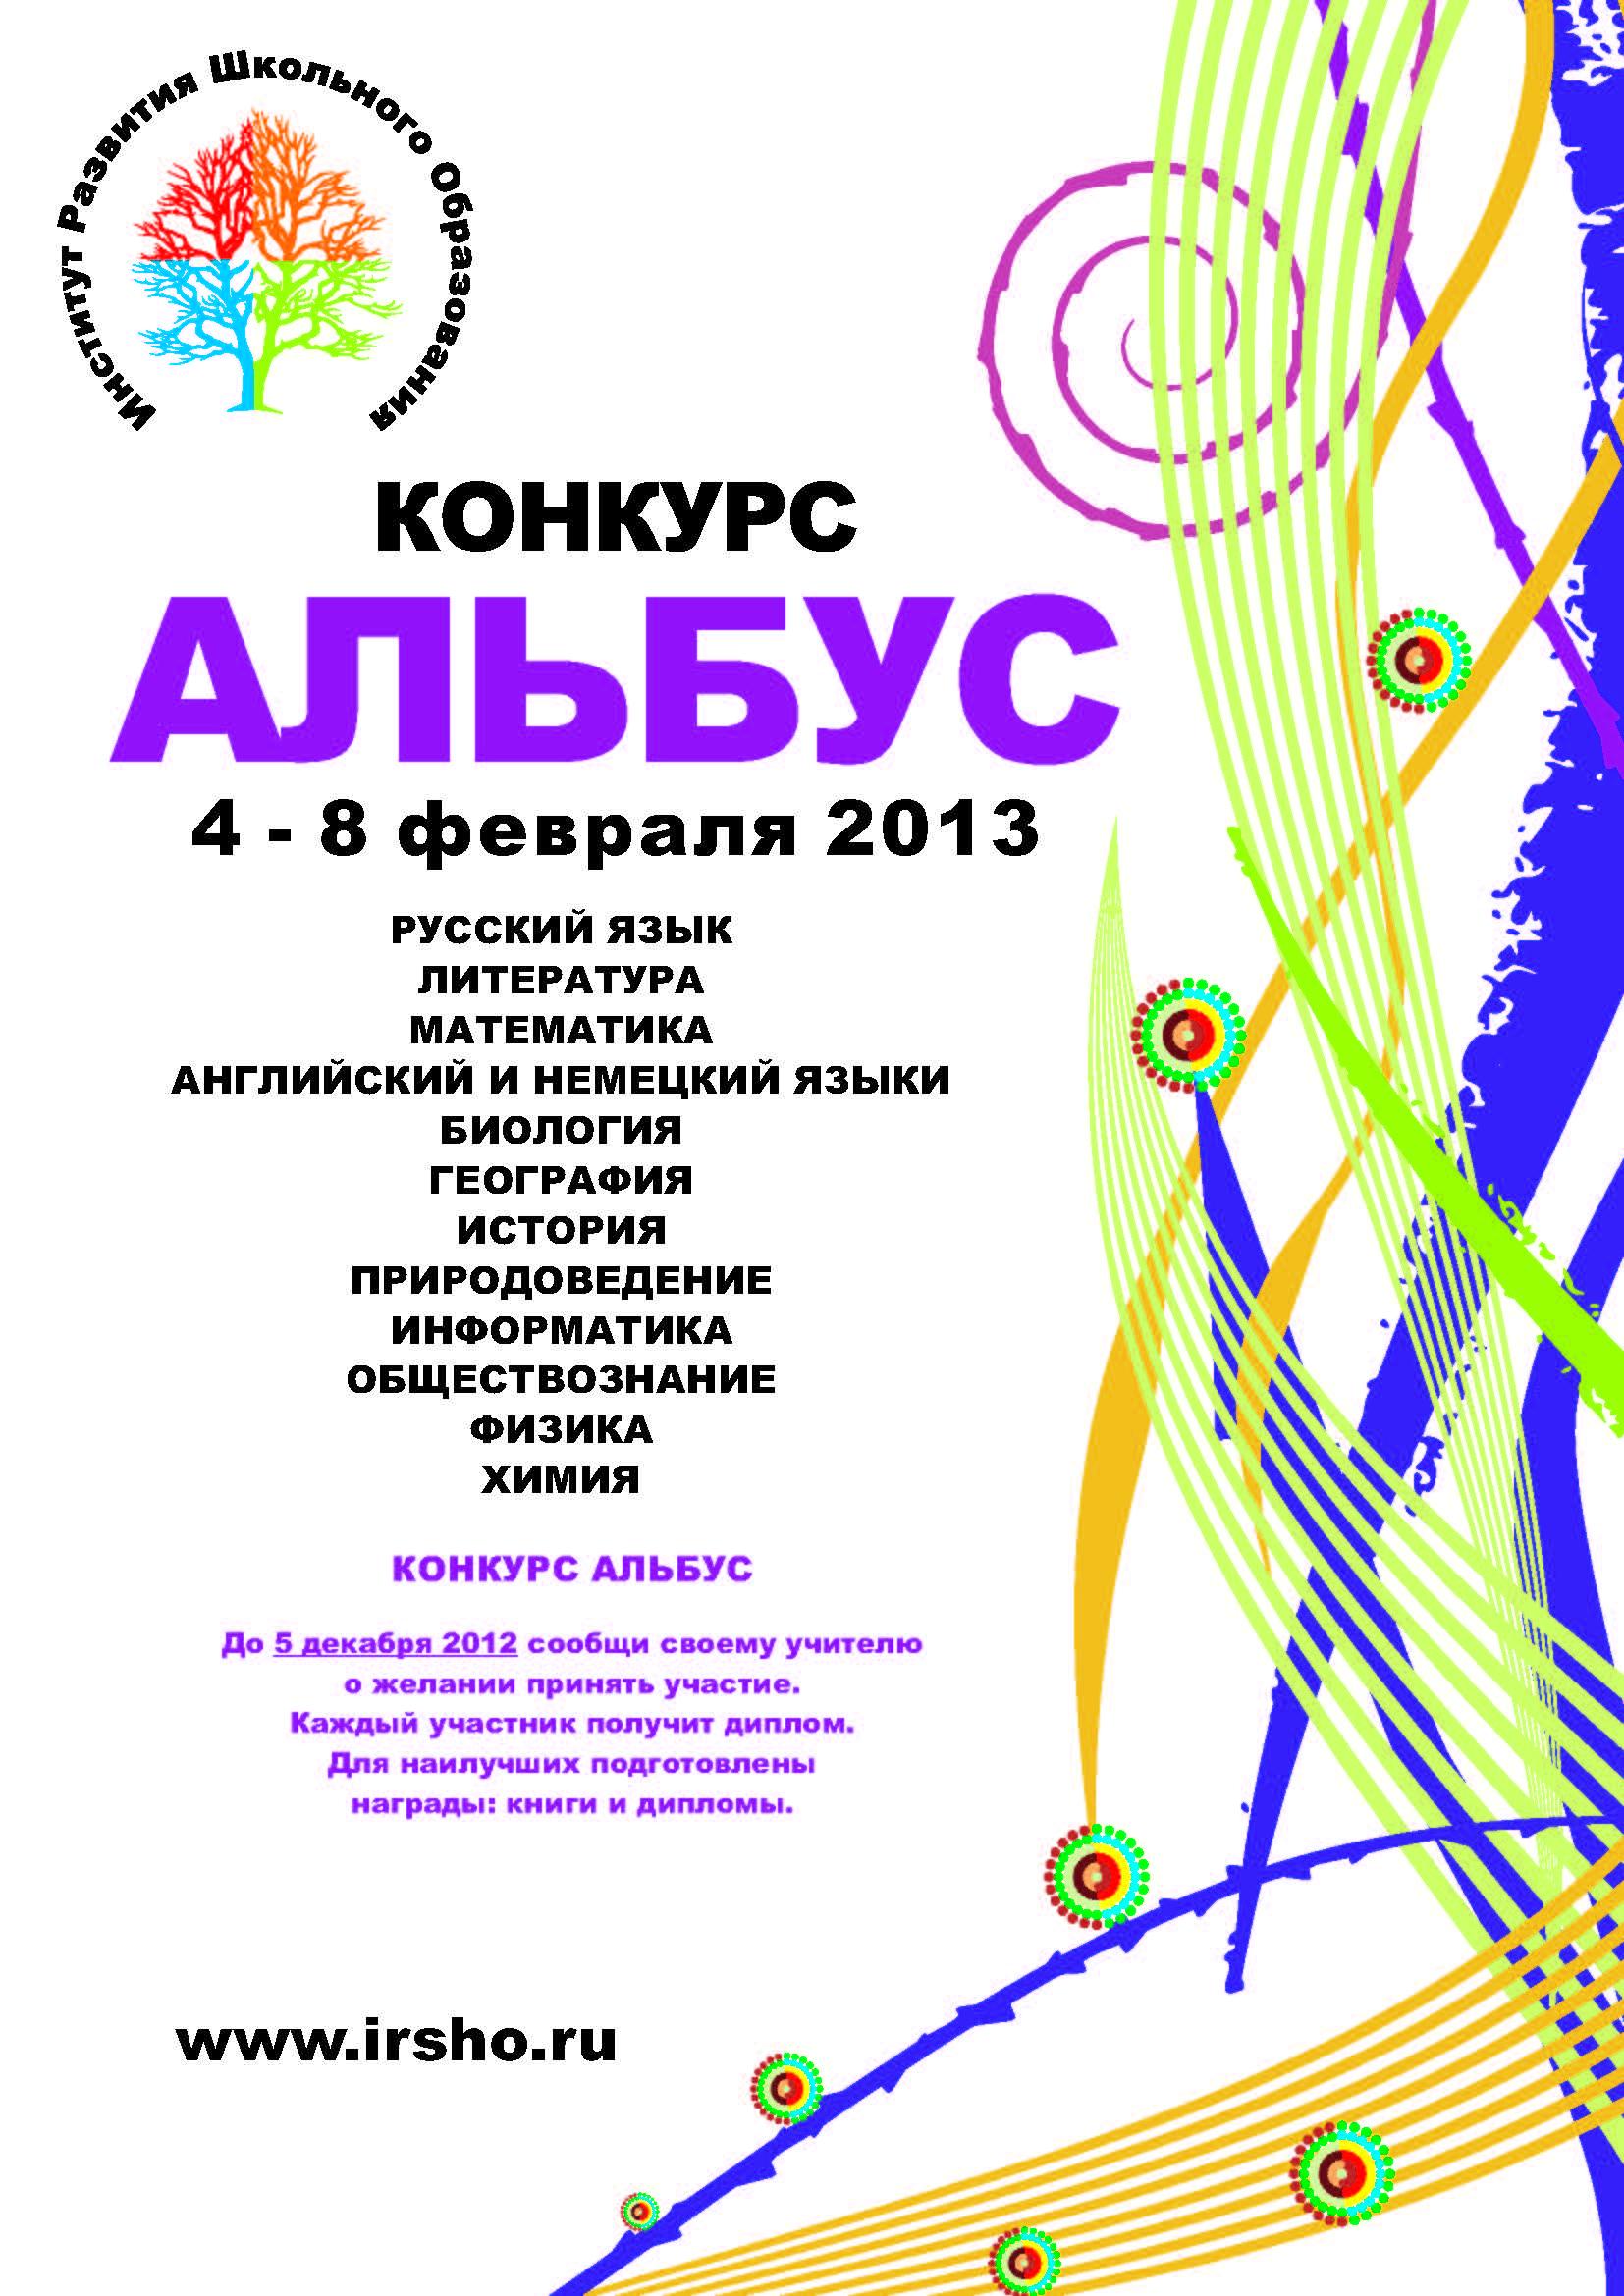 ответы на игру конкурс по информатике инфознайка 2012